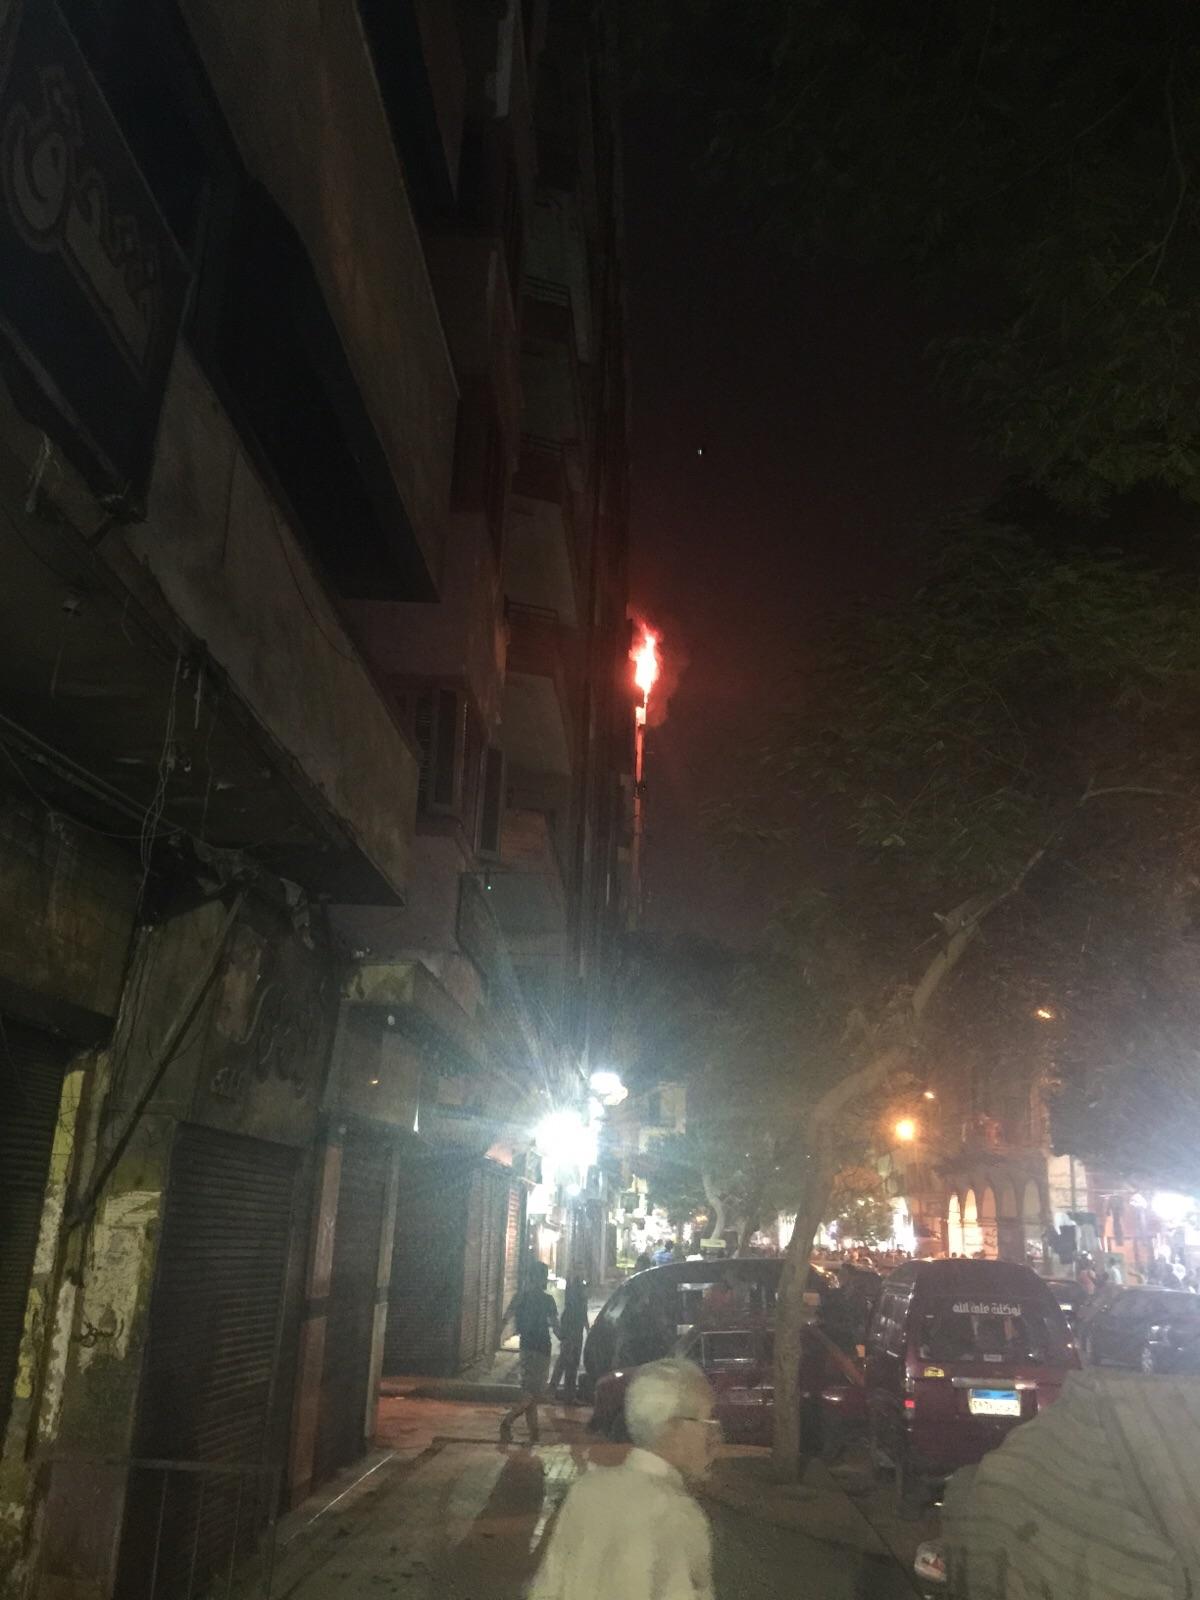 بالصور والفيديو.. اندلاع حريق بأحد فنادق وسط القاهرة.. وشاهد عيان: دام 40 دقيقة